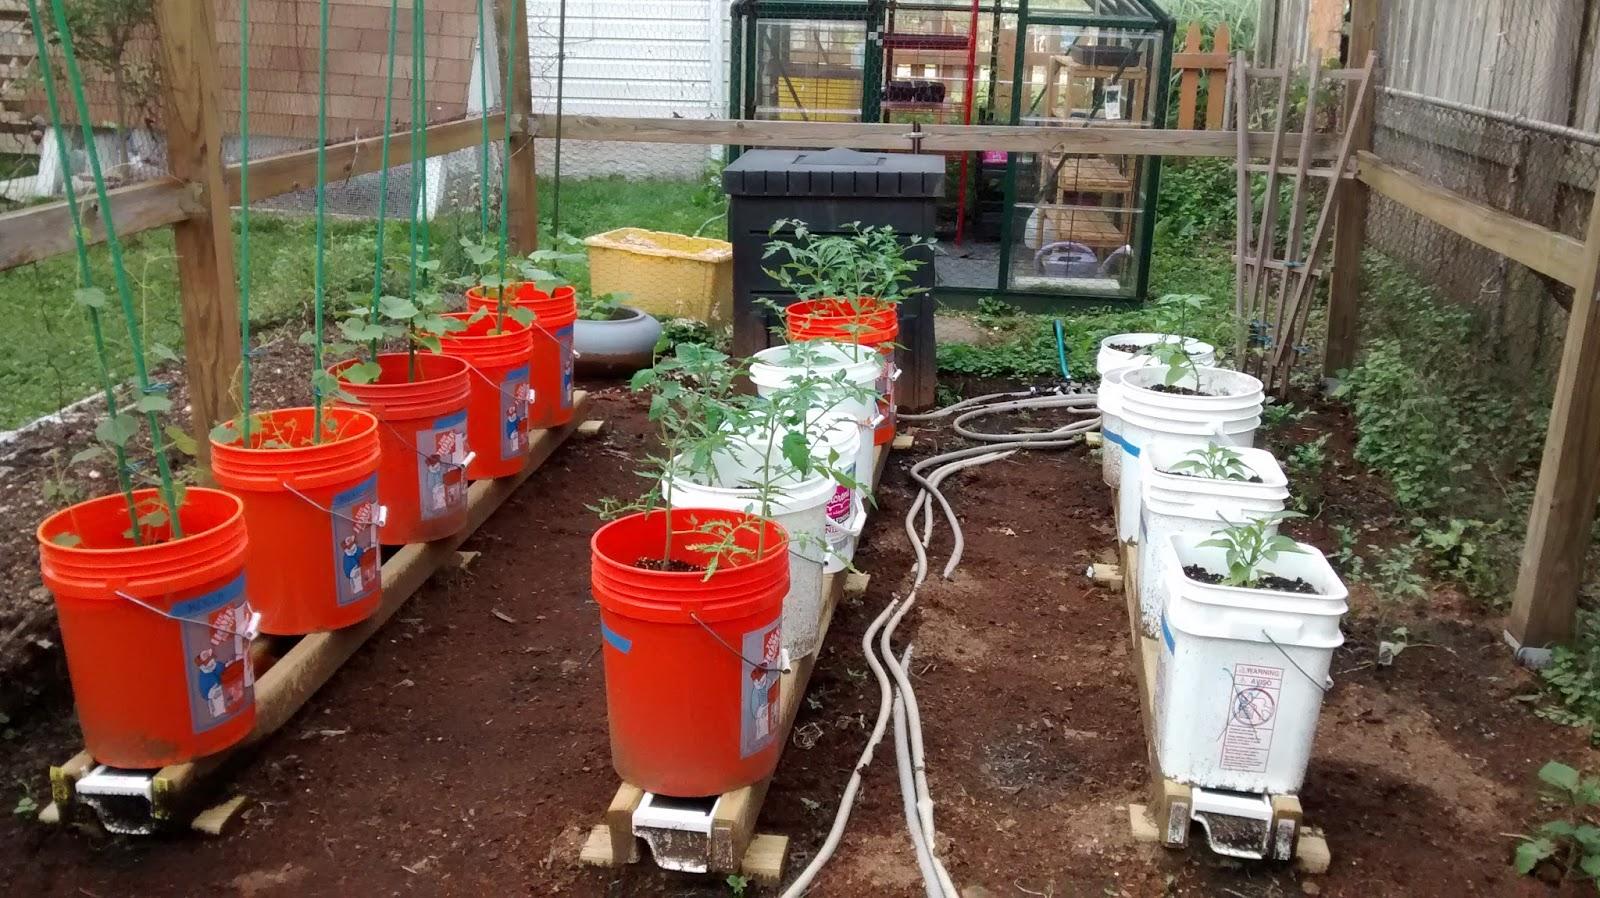 Rain Gutter Grow System Update